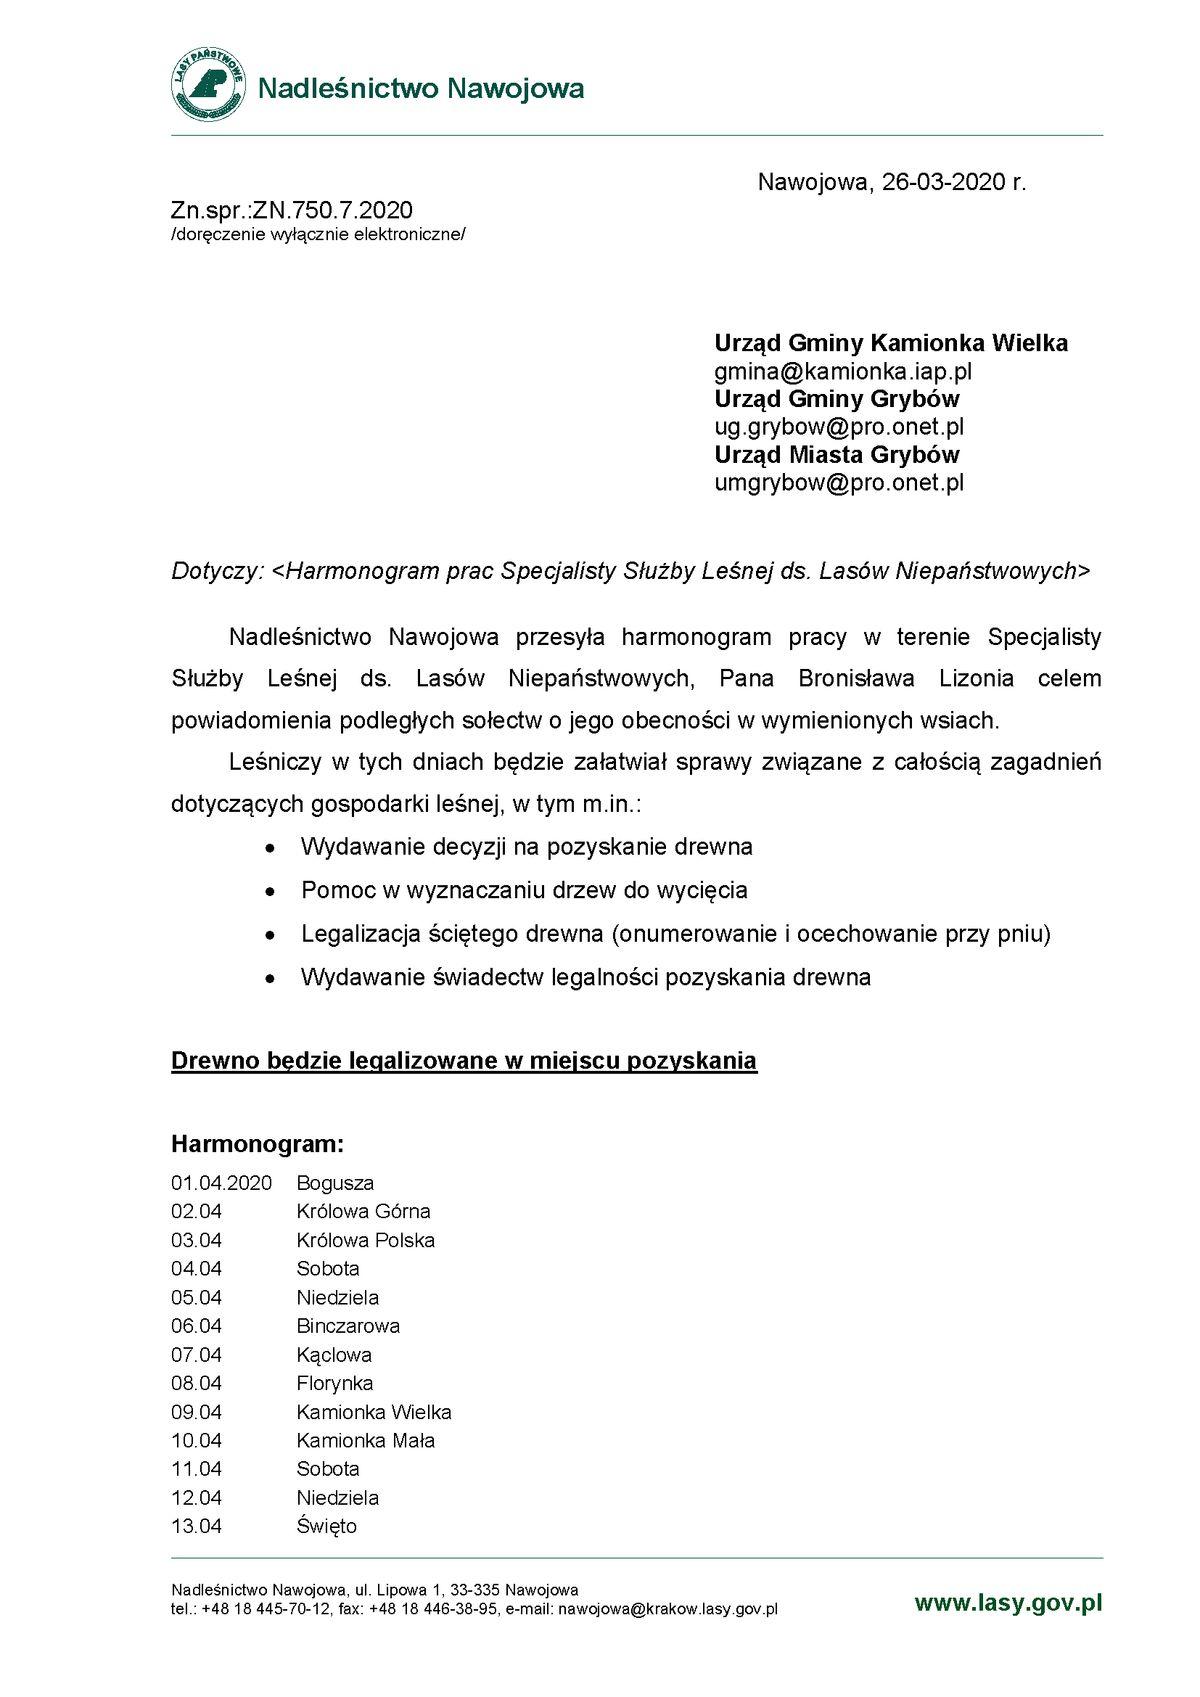 Harmonogram pracy leśniczego: Kwiecień 2020